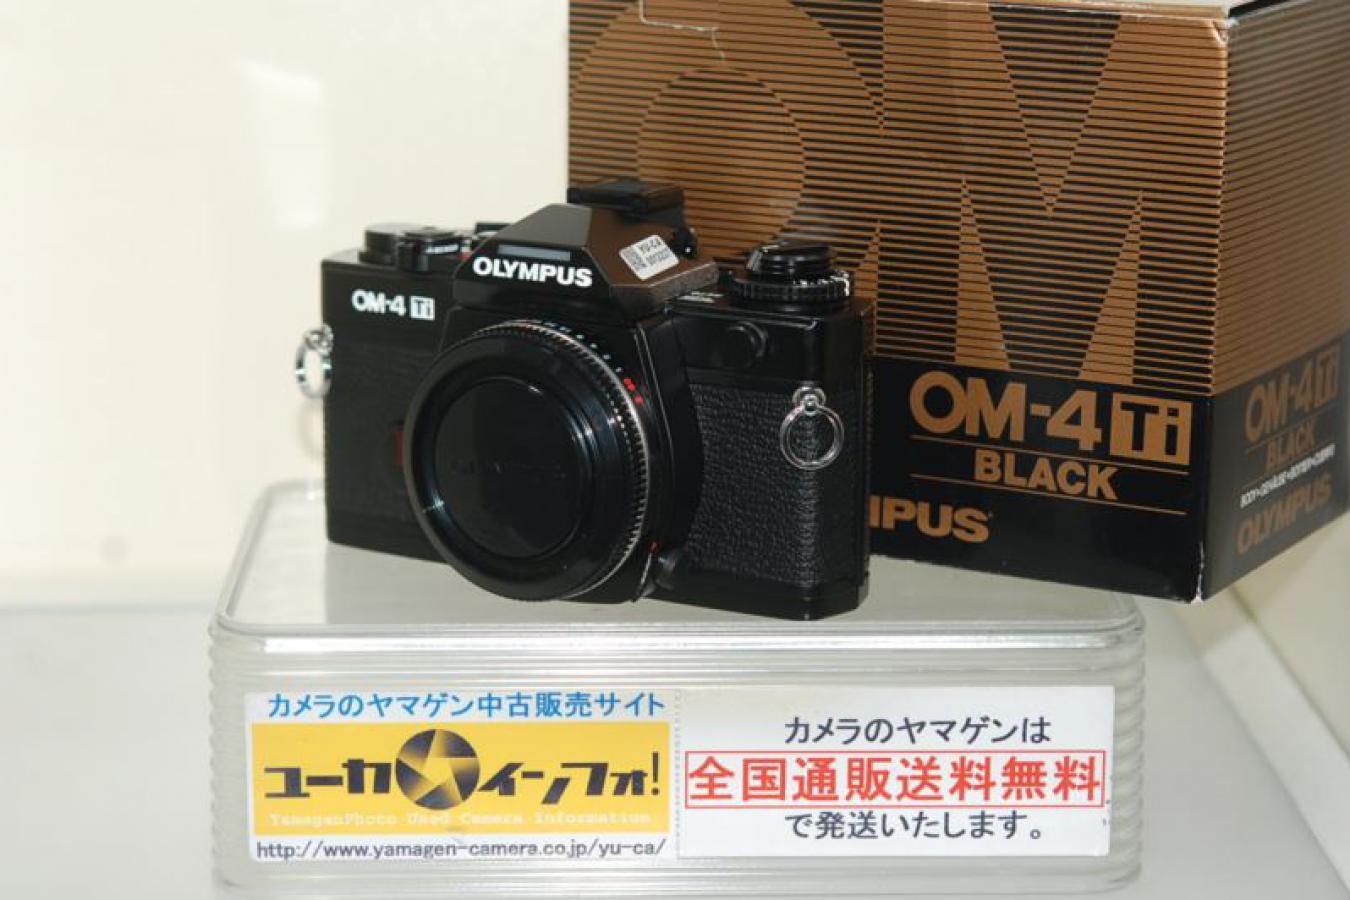 【コレクション向け 未使用品】 オリンパス OM-4Ti ブラック 元箱付一式 【辰野事業場2002年12月6日製造】